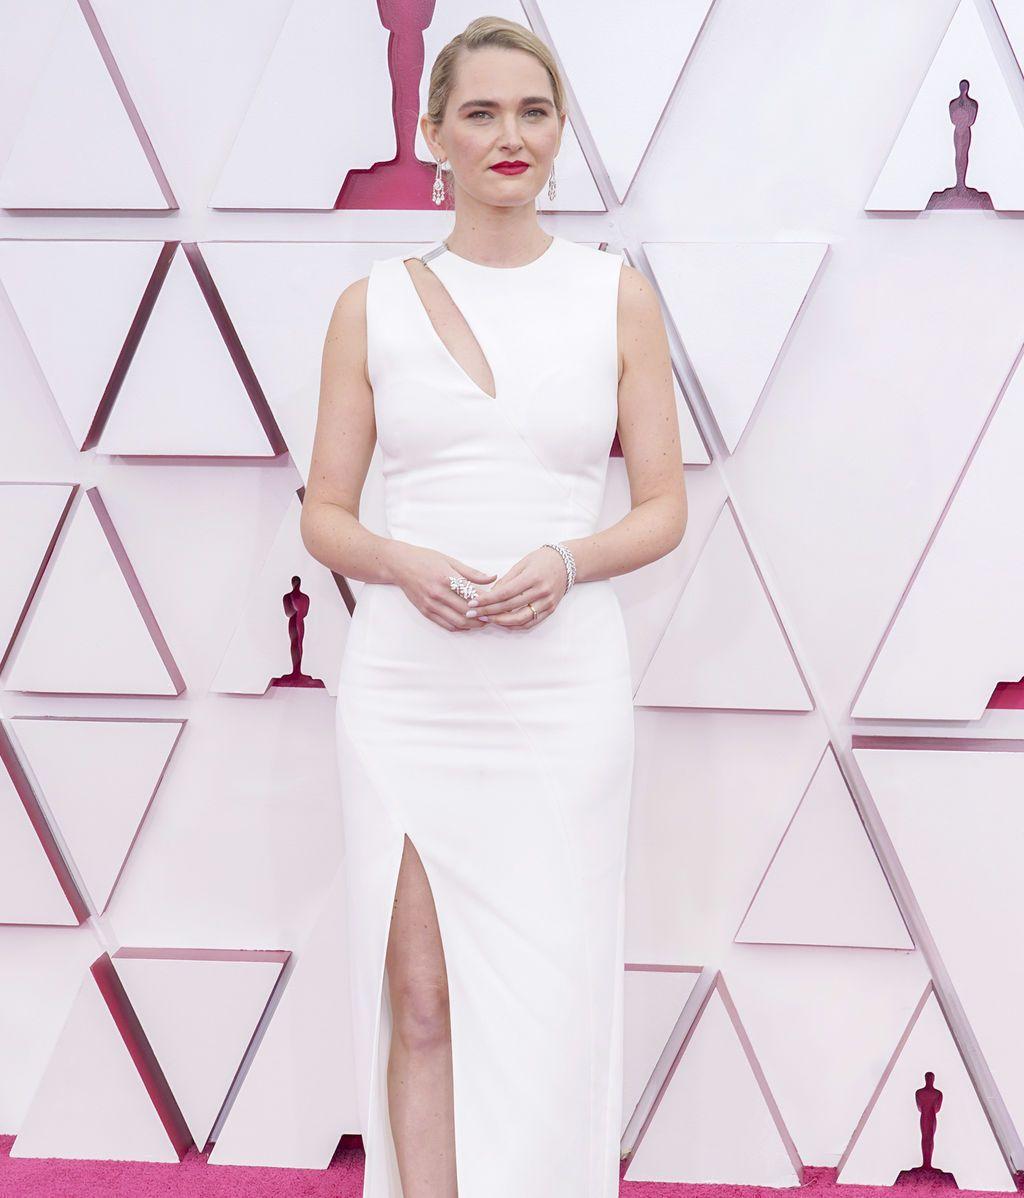 Jena Friedman desfila en la alfombra roja de Union Station, la estación de autobuses de Los Ángeles, una de las sedes donde tiene lugar la gala de los Premios Oscars 2021